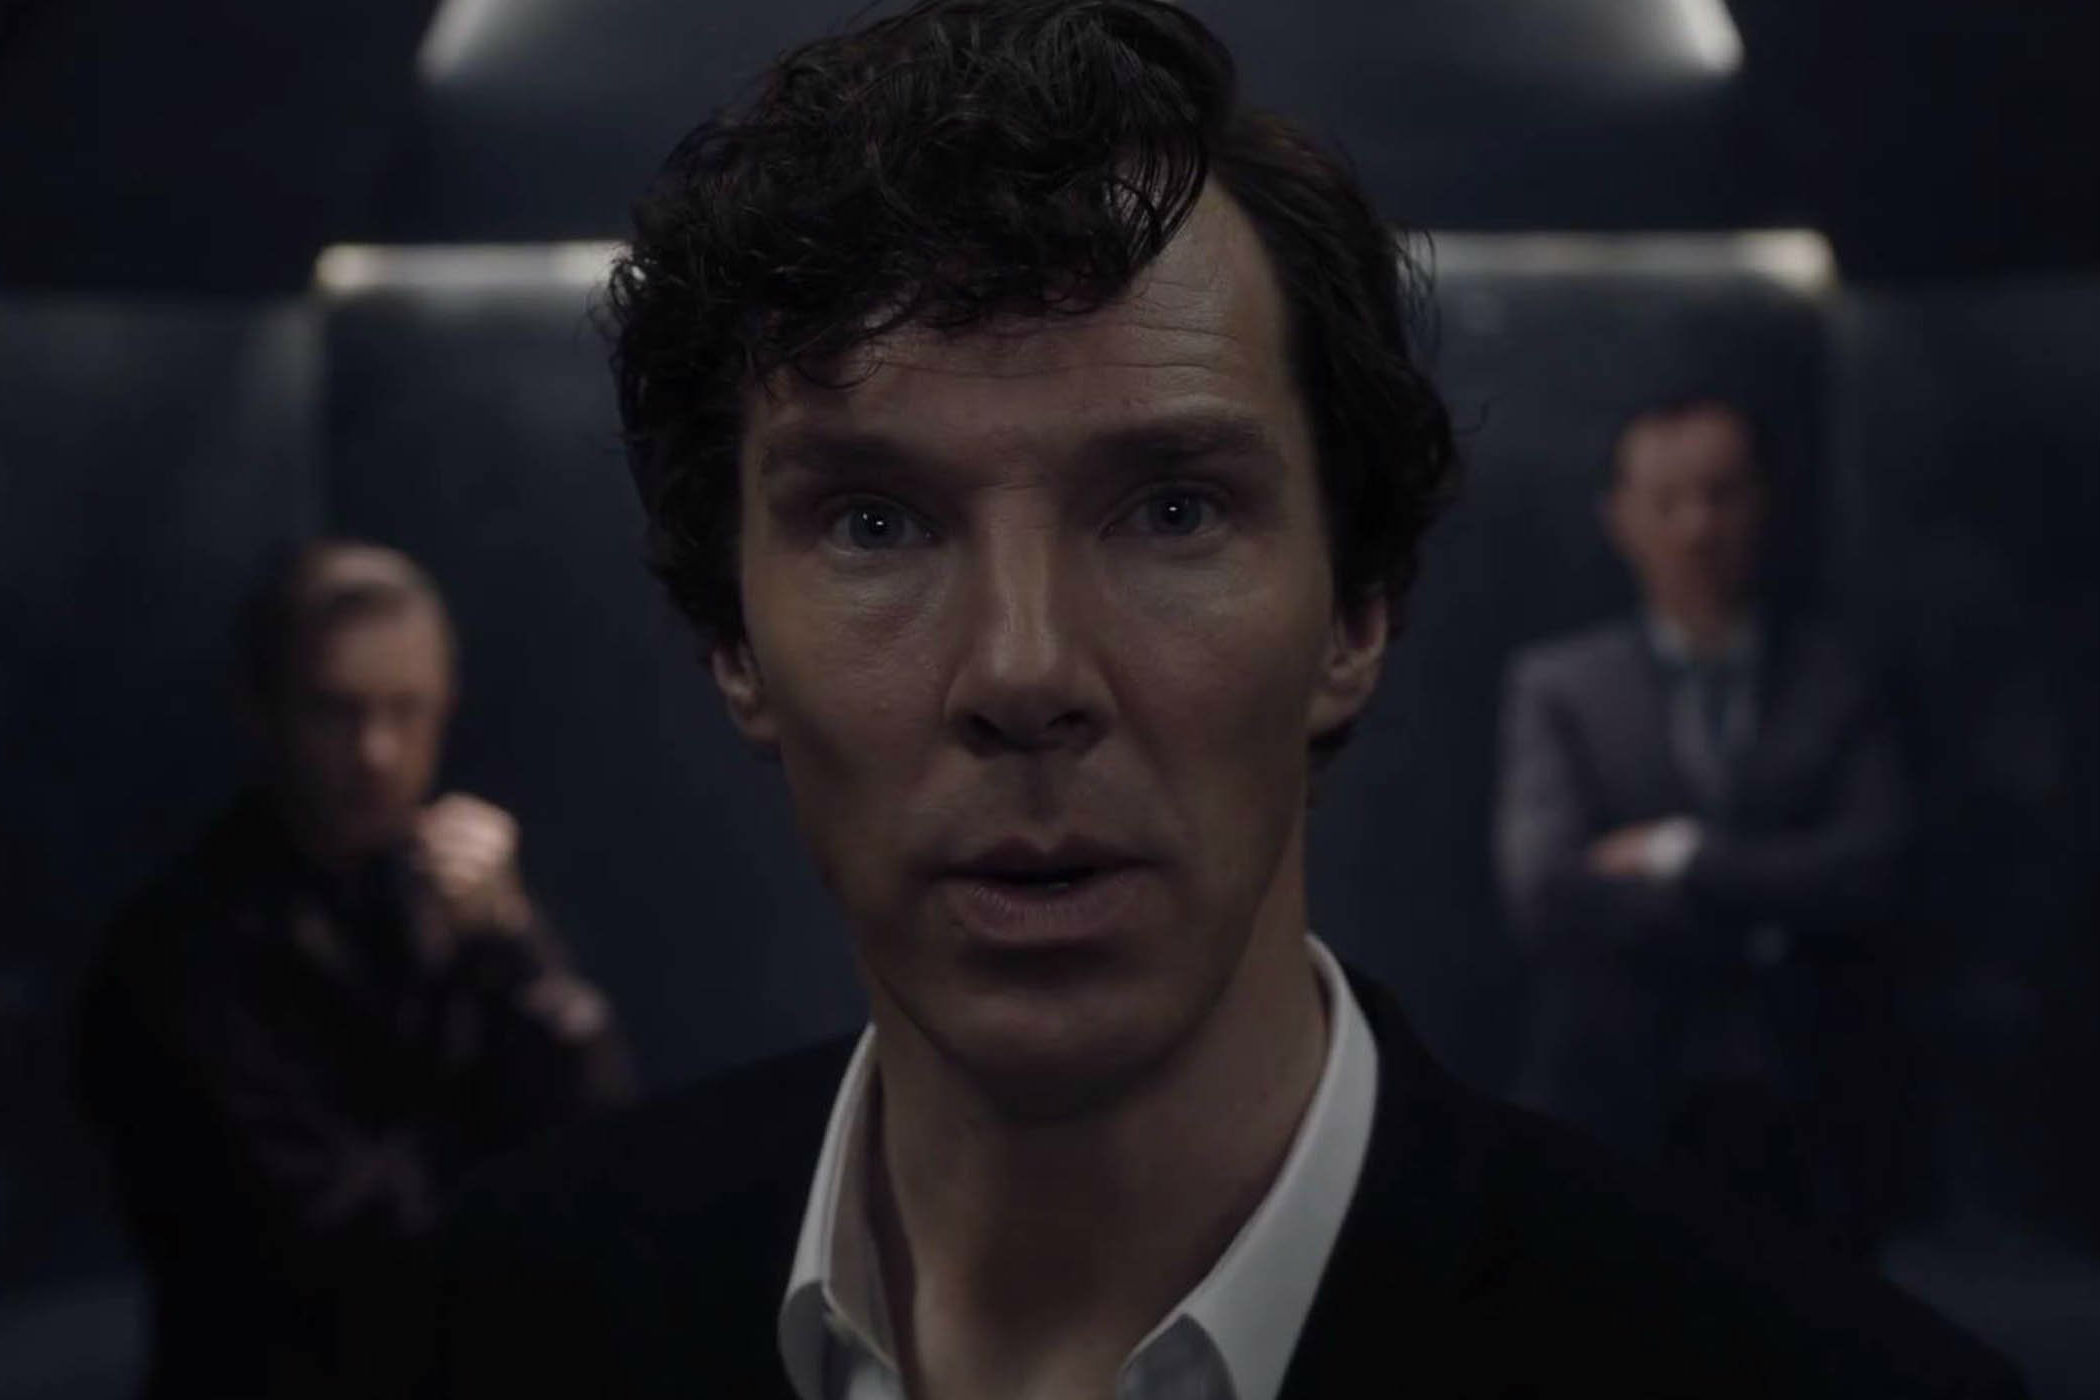 Сценаристы «Шерлока» пояснили неожиданный поворот сюжета всамом начале четвертого сезона